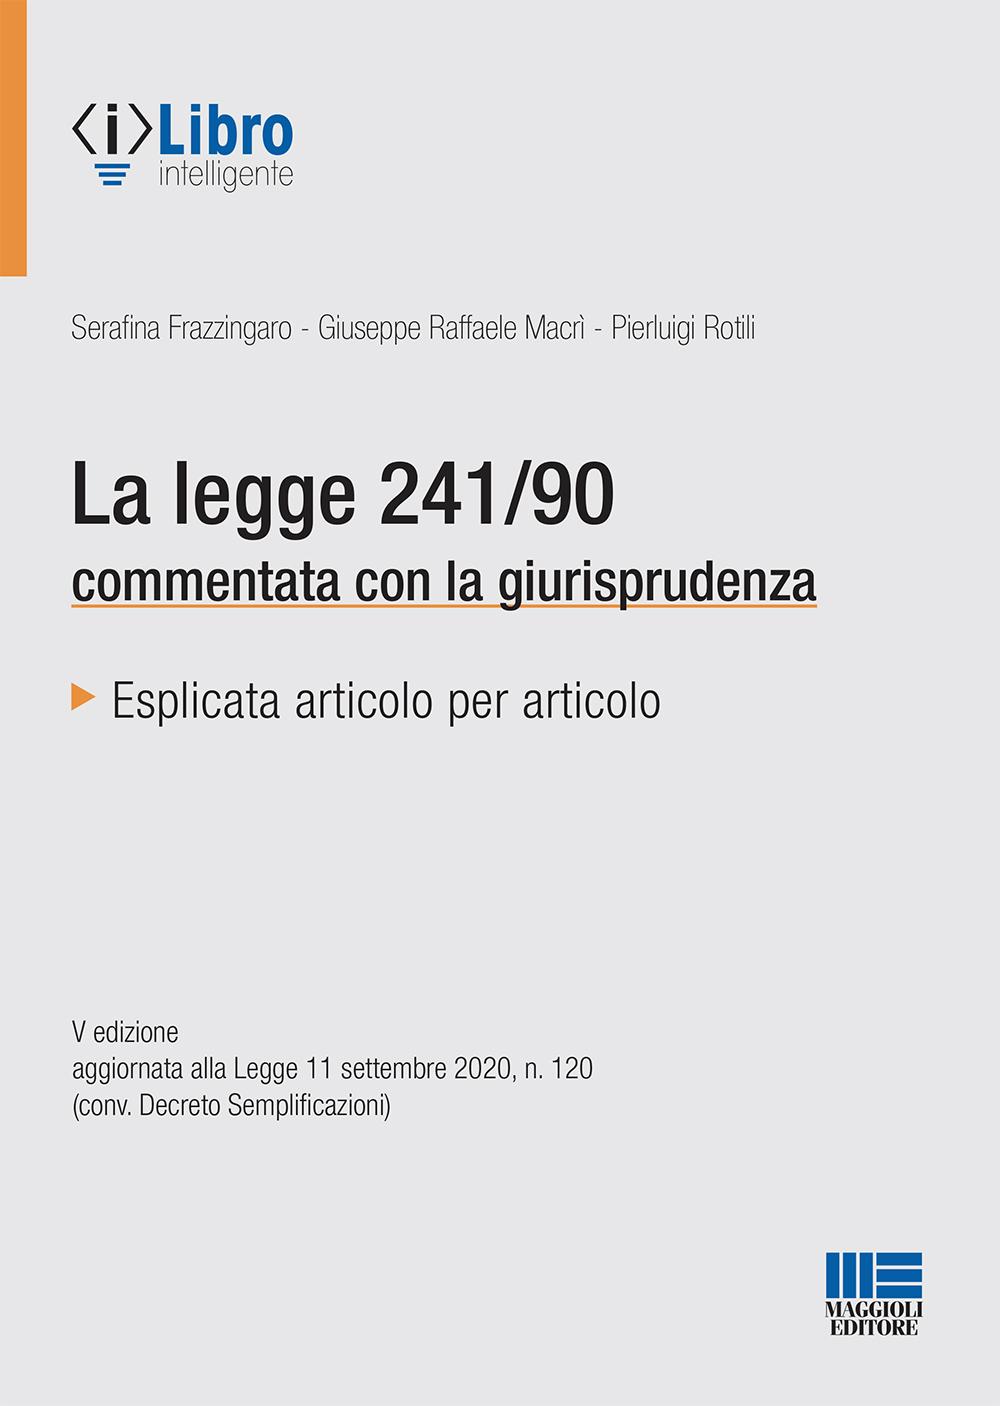 La legge 241/90 commentata con la giurisprudenza